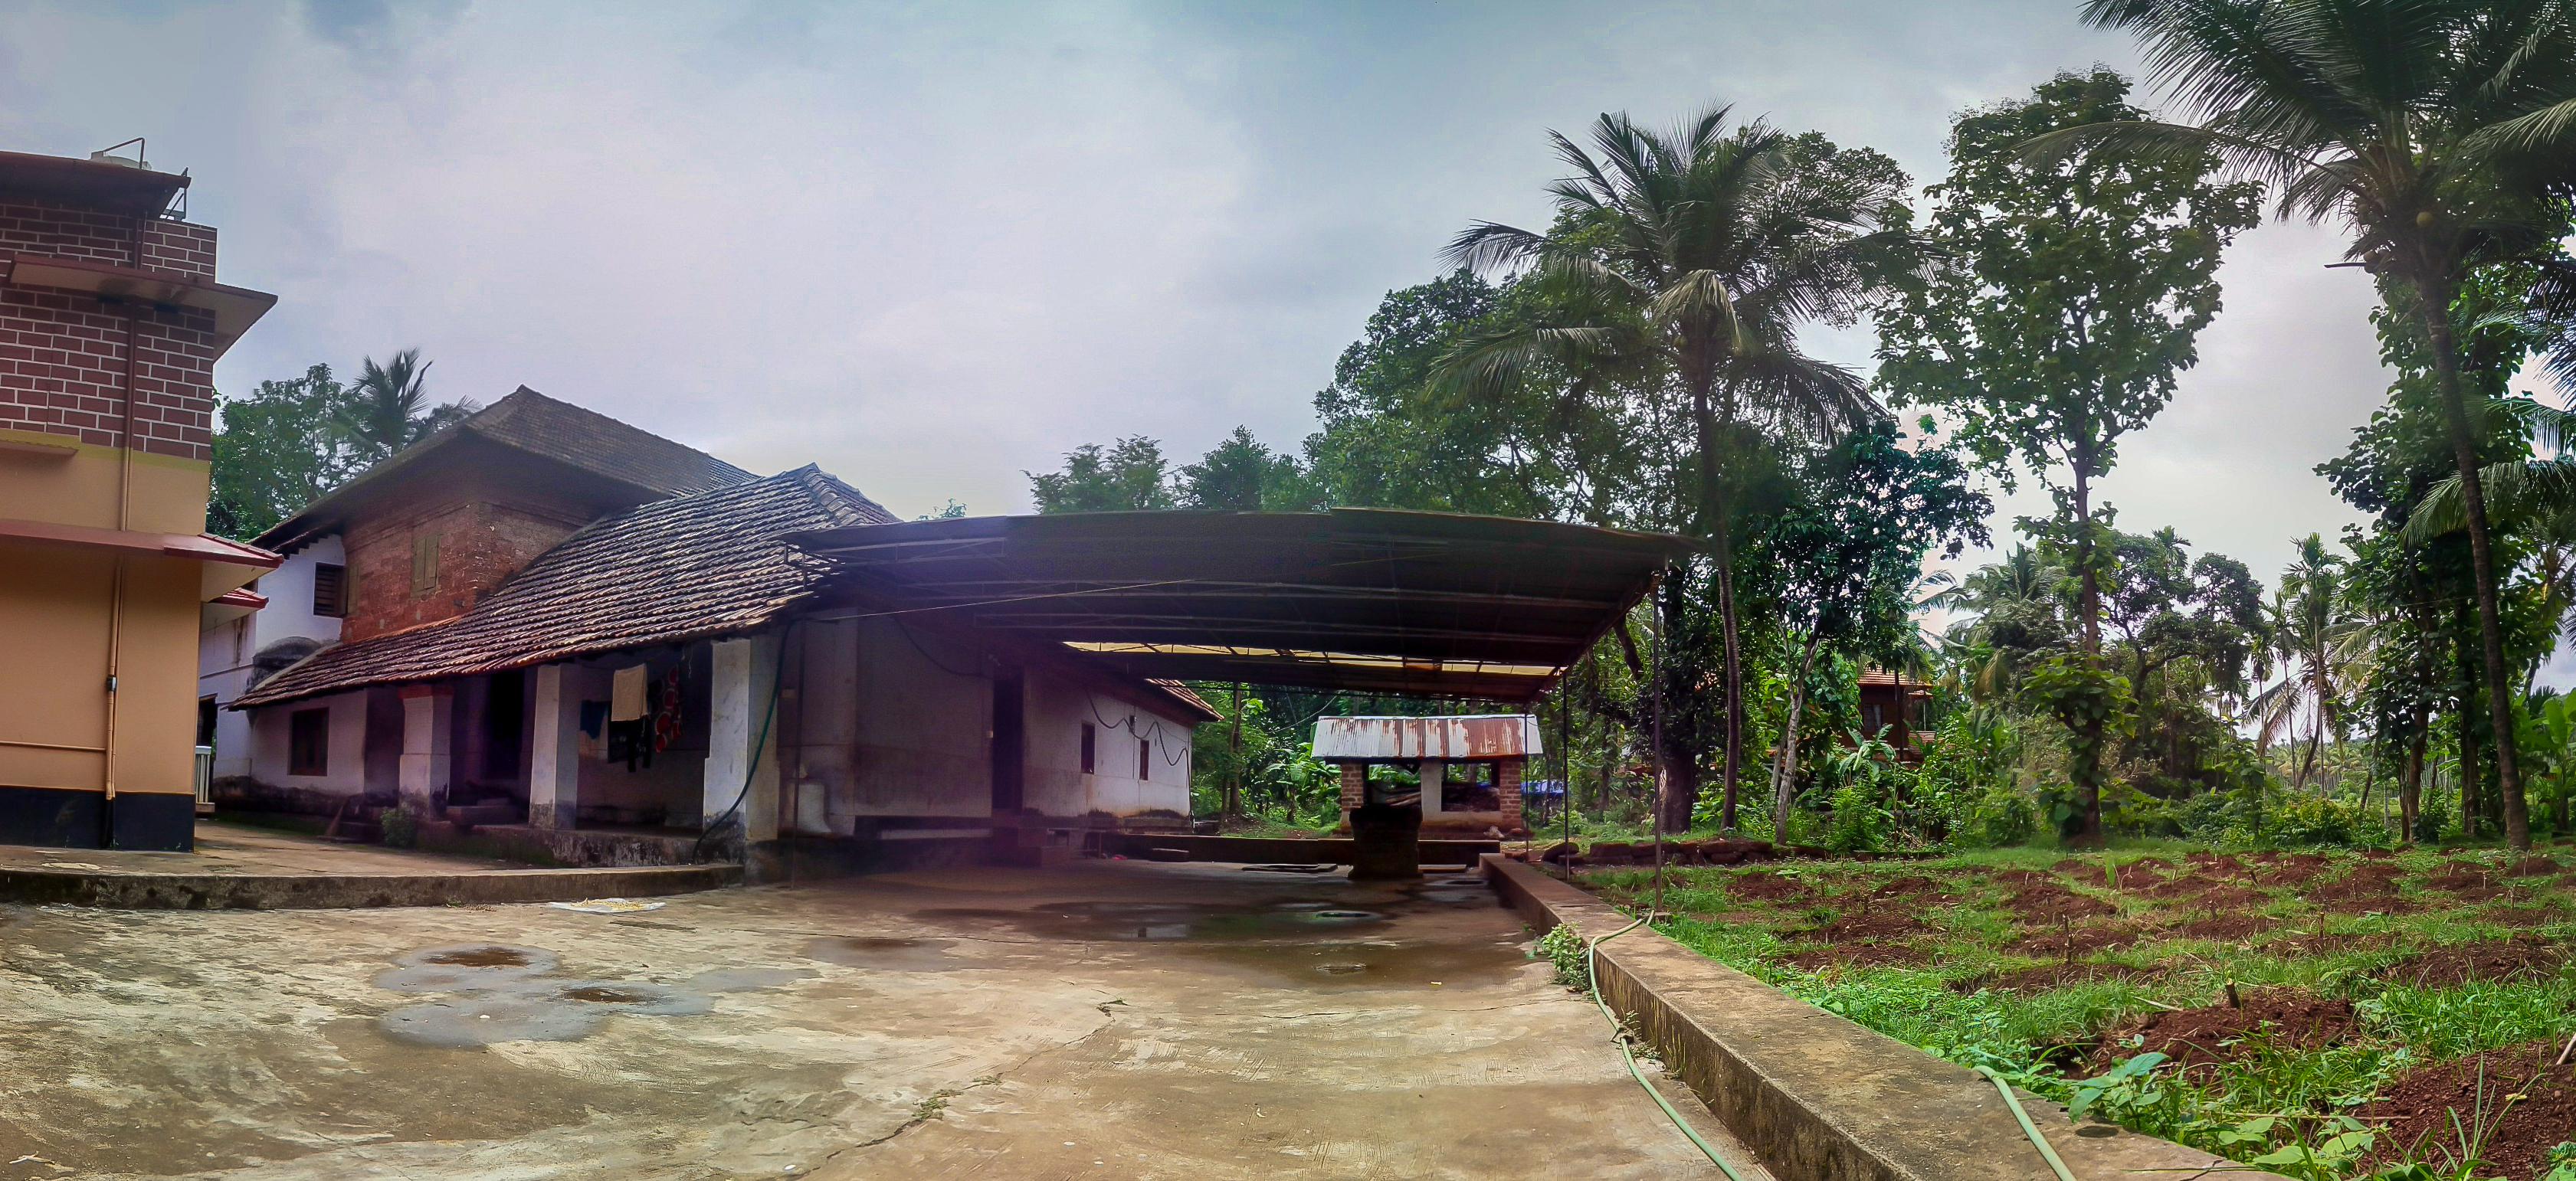 Suryejyothishi